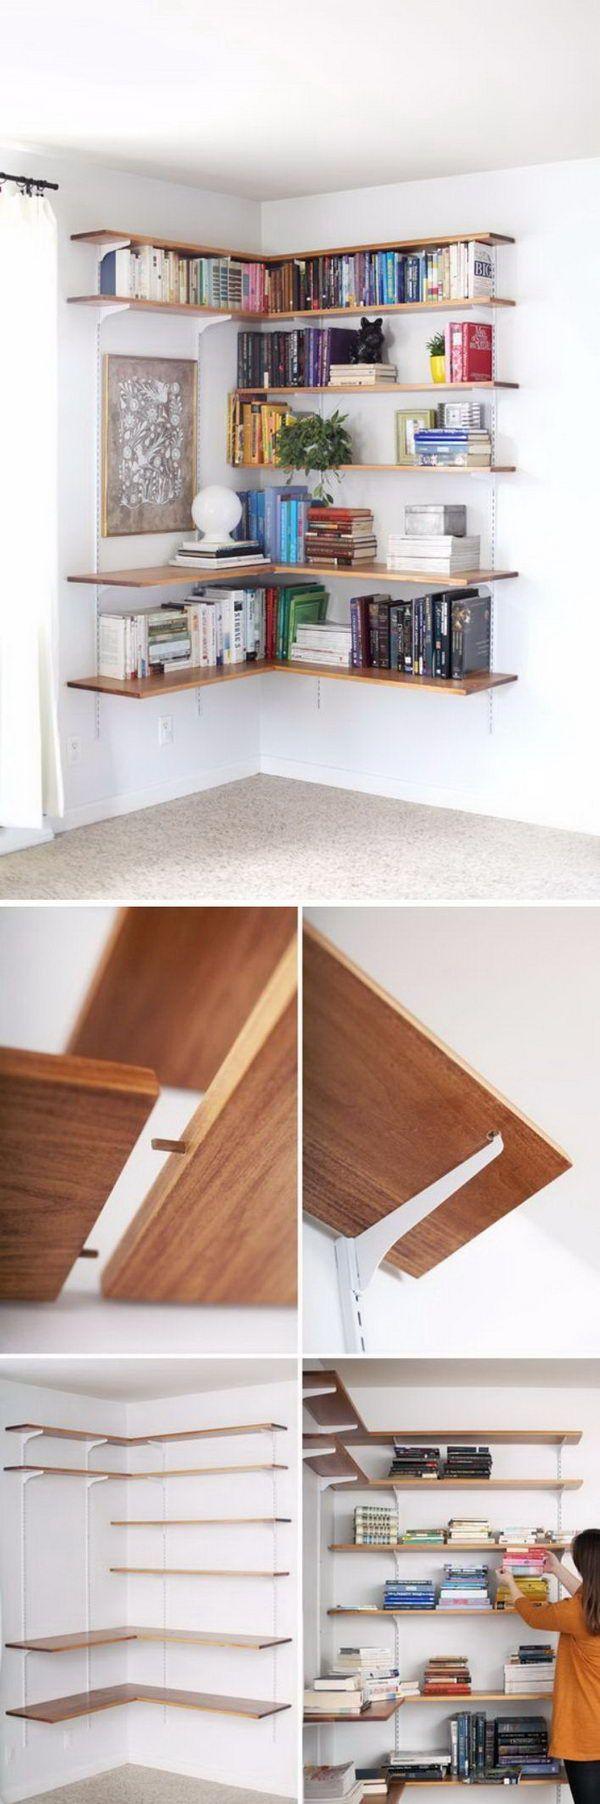 Easy To Make Corner Shelving System.